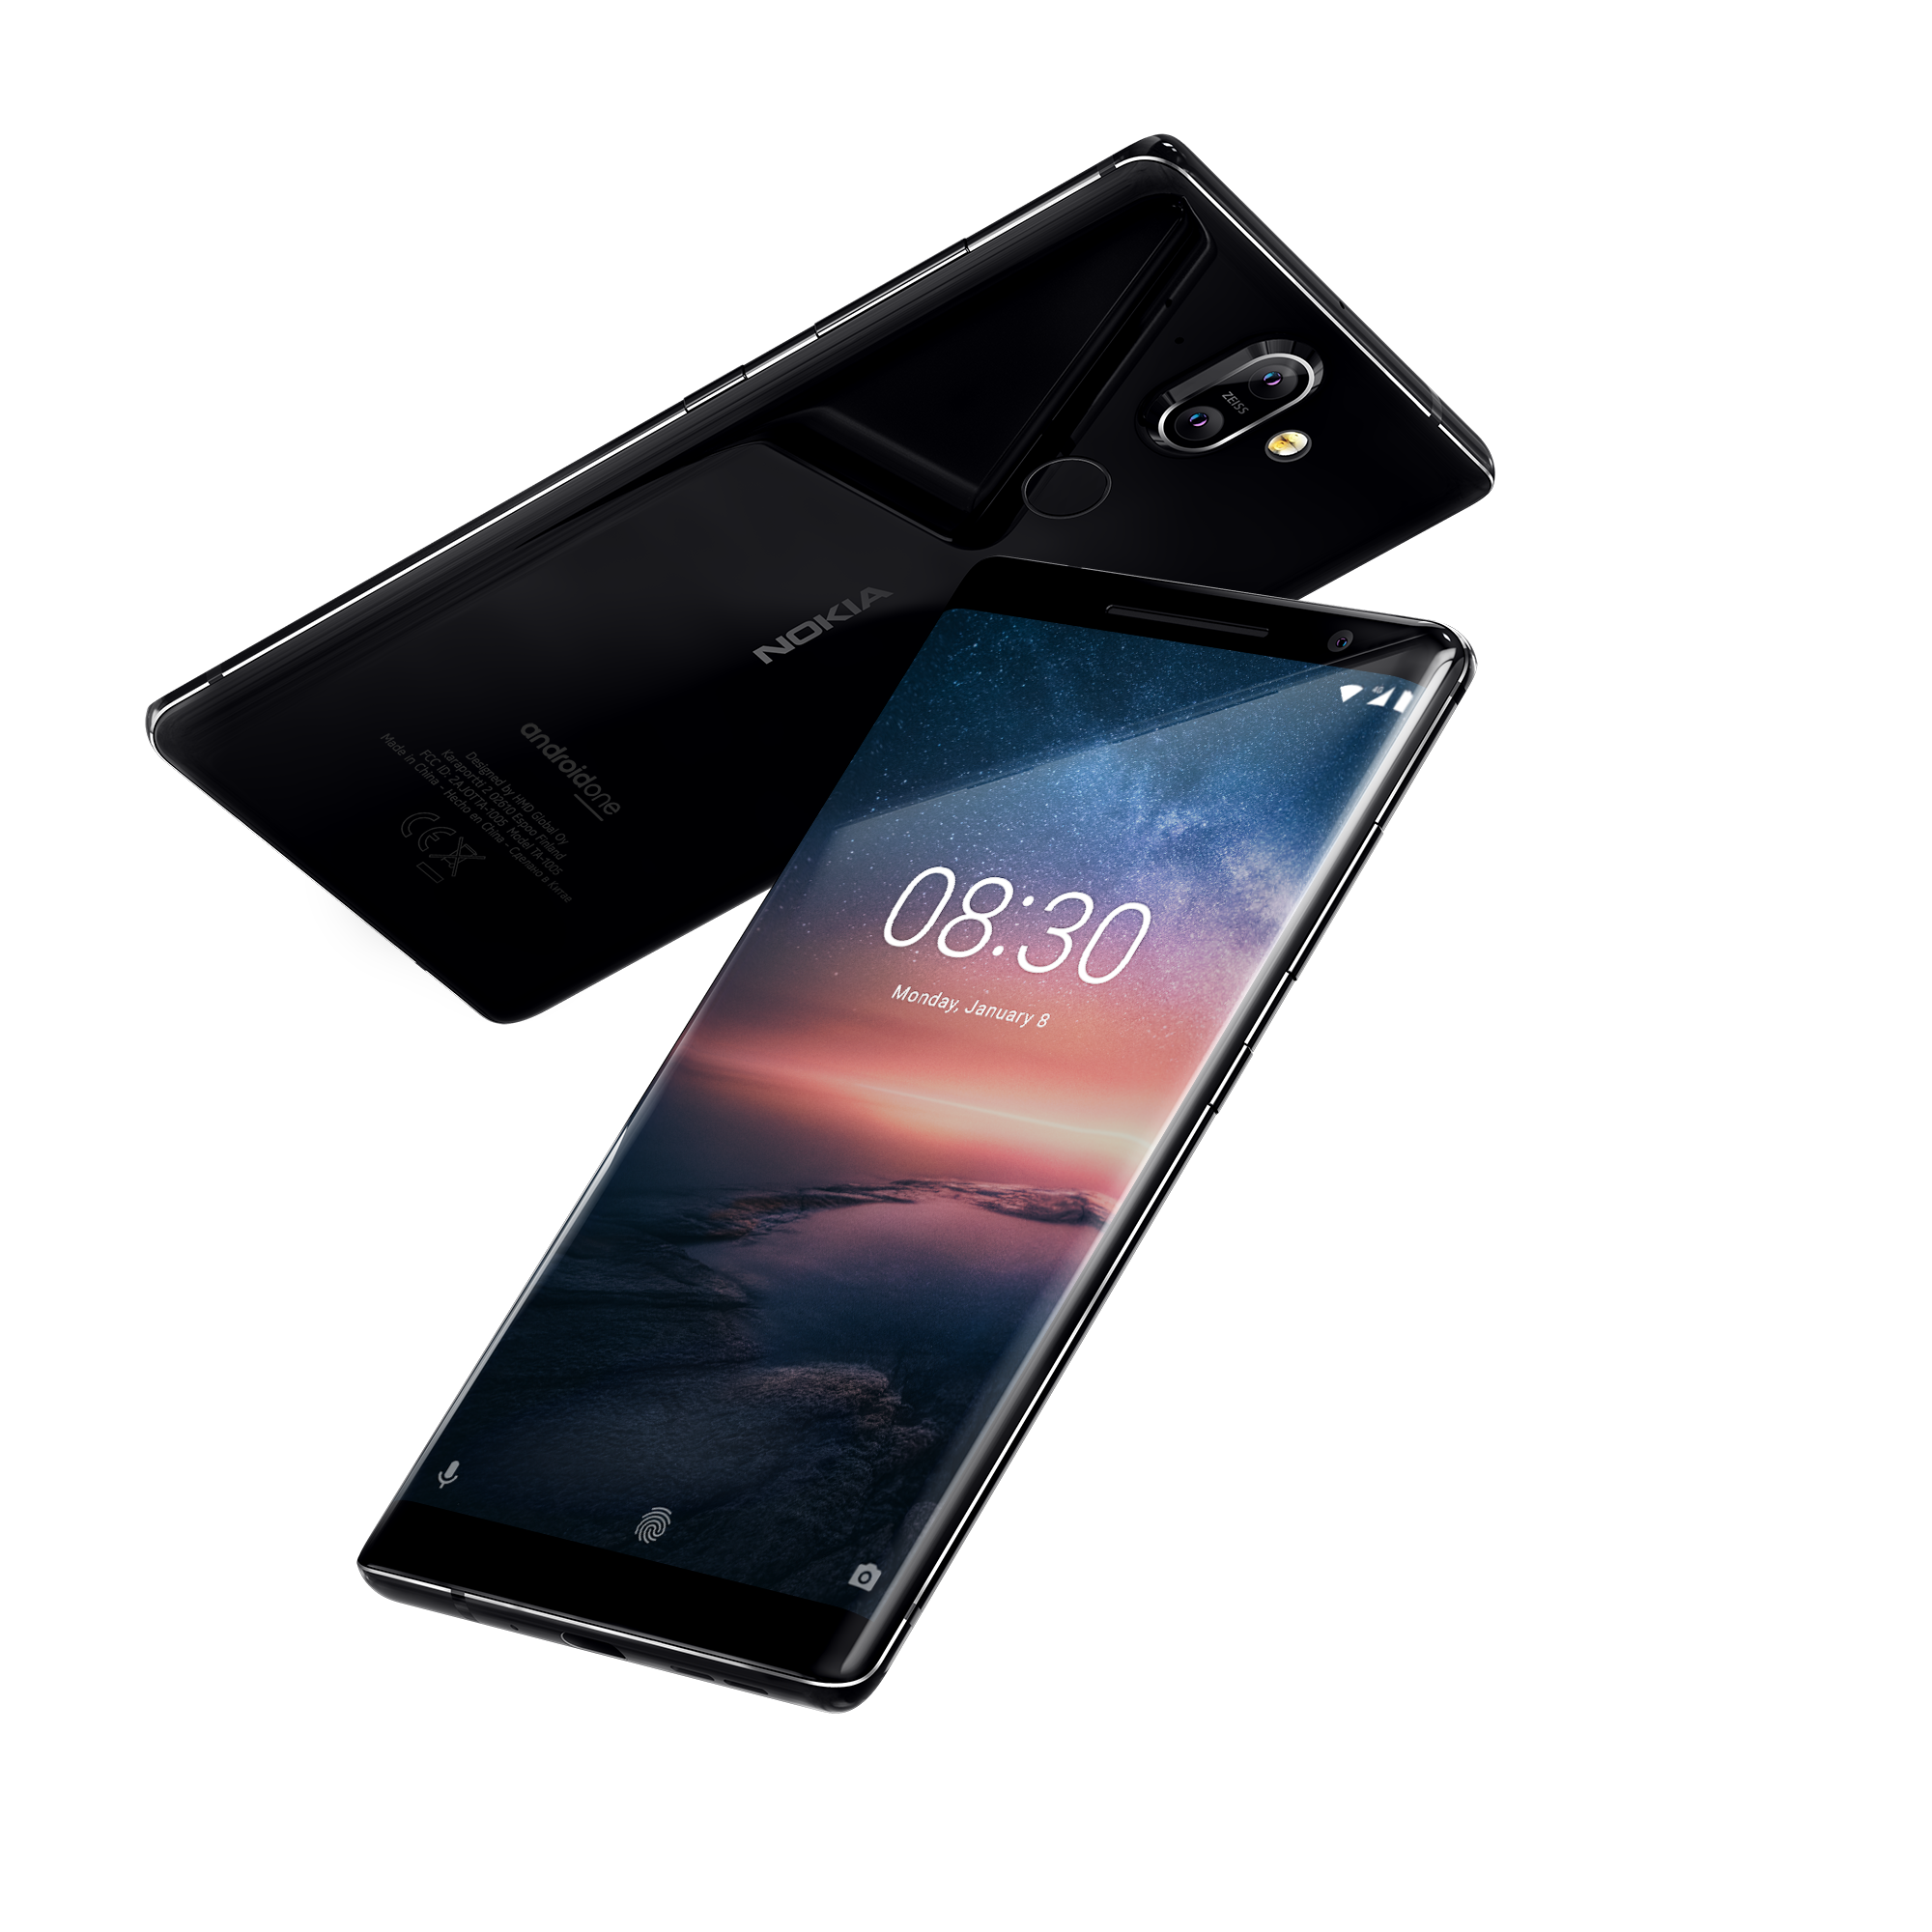 a3cc9e27e9829 Телефон комфортно и надежно лежит в руке благодаря идеально выверенному  весу и двойной алмазной полировке корпуса из стали.